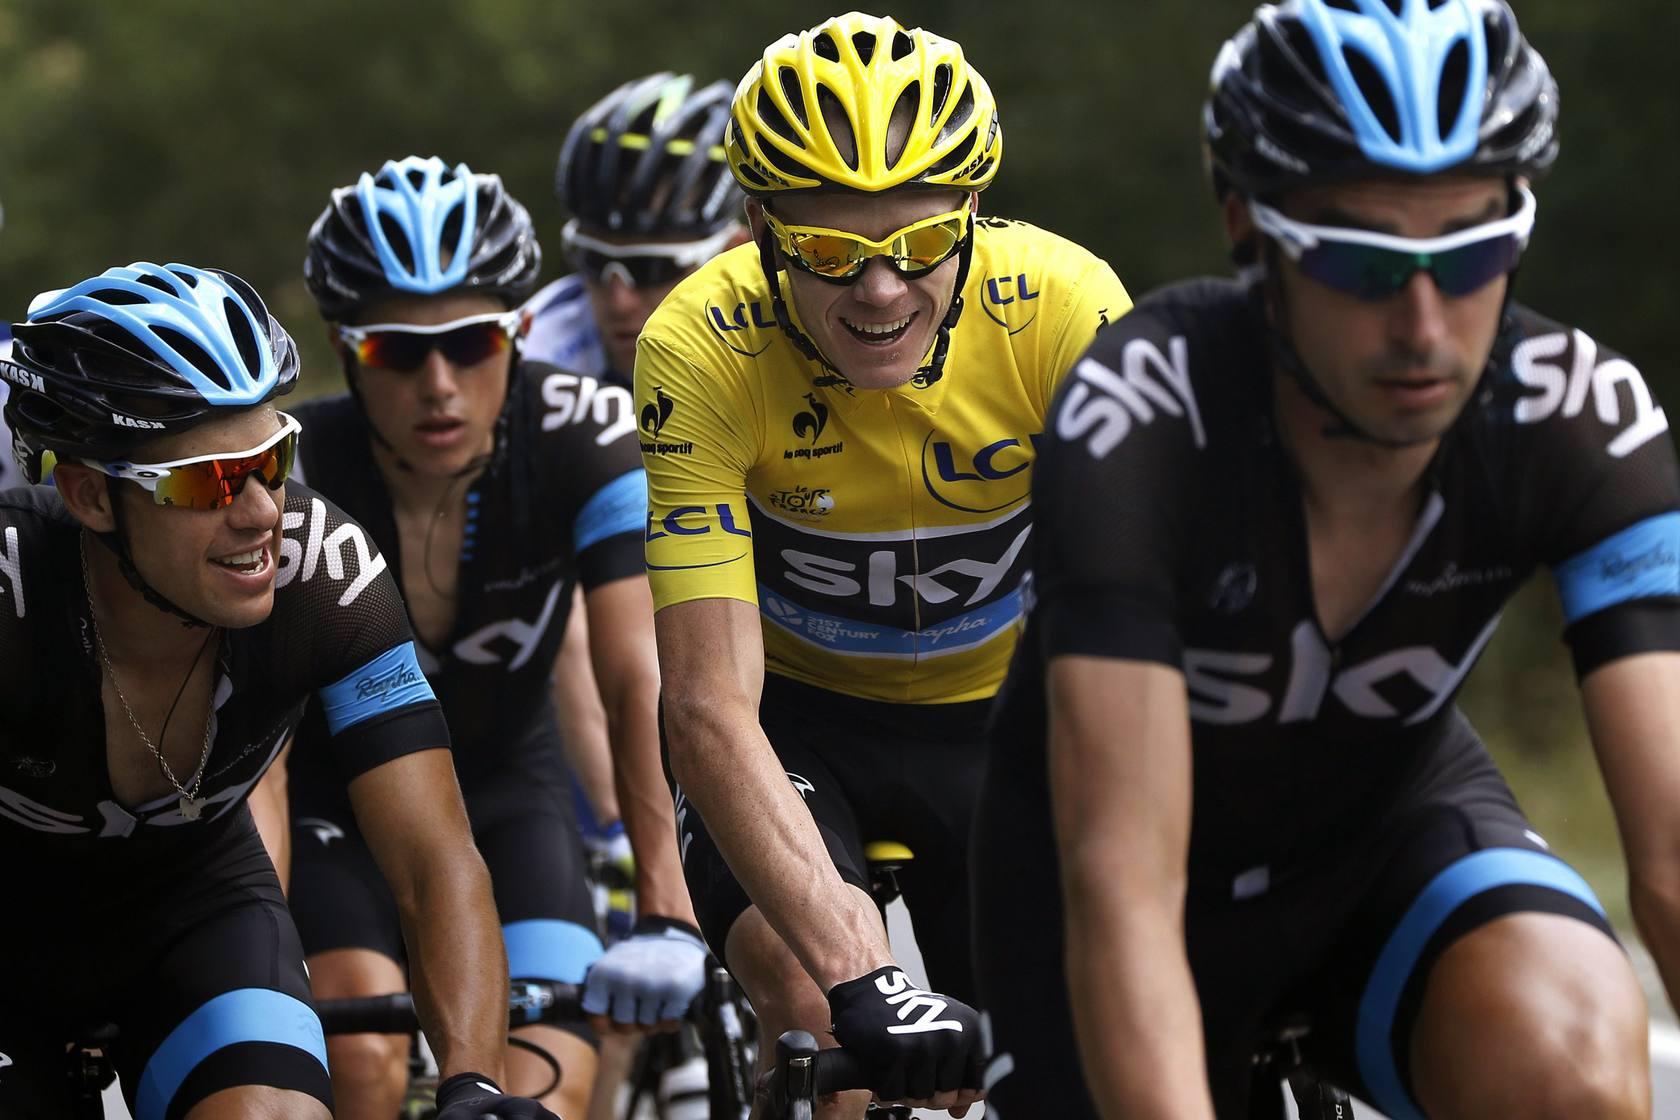 Rui Costa gana la 16ª etapa del Tour, Froome sigue líder